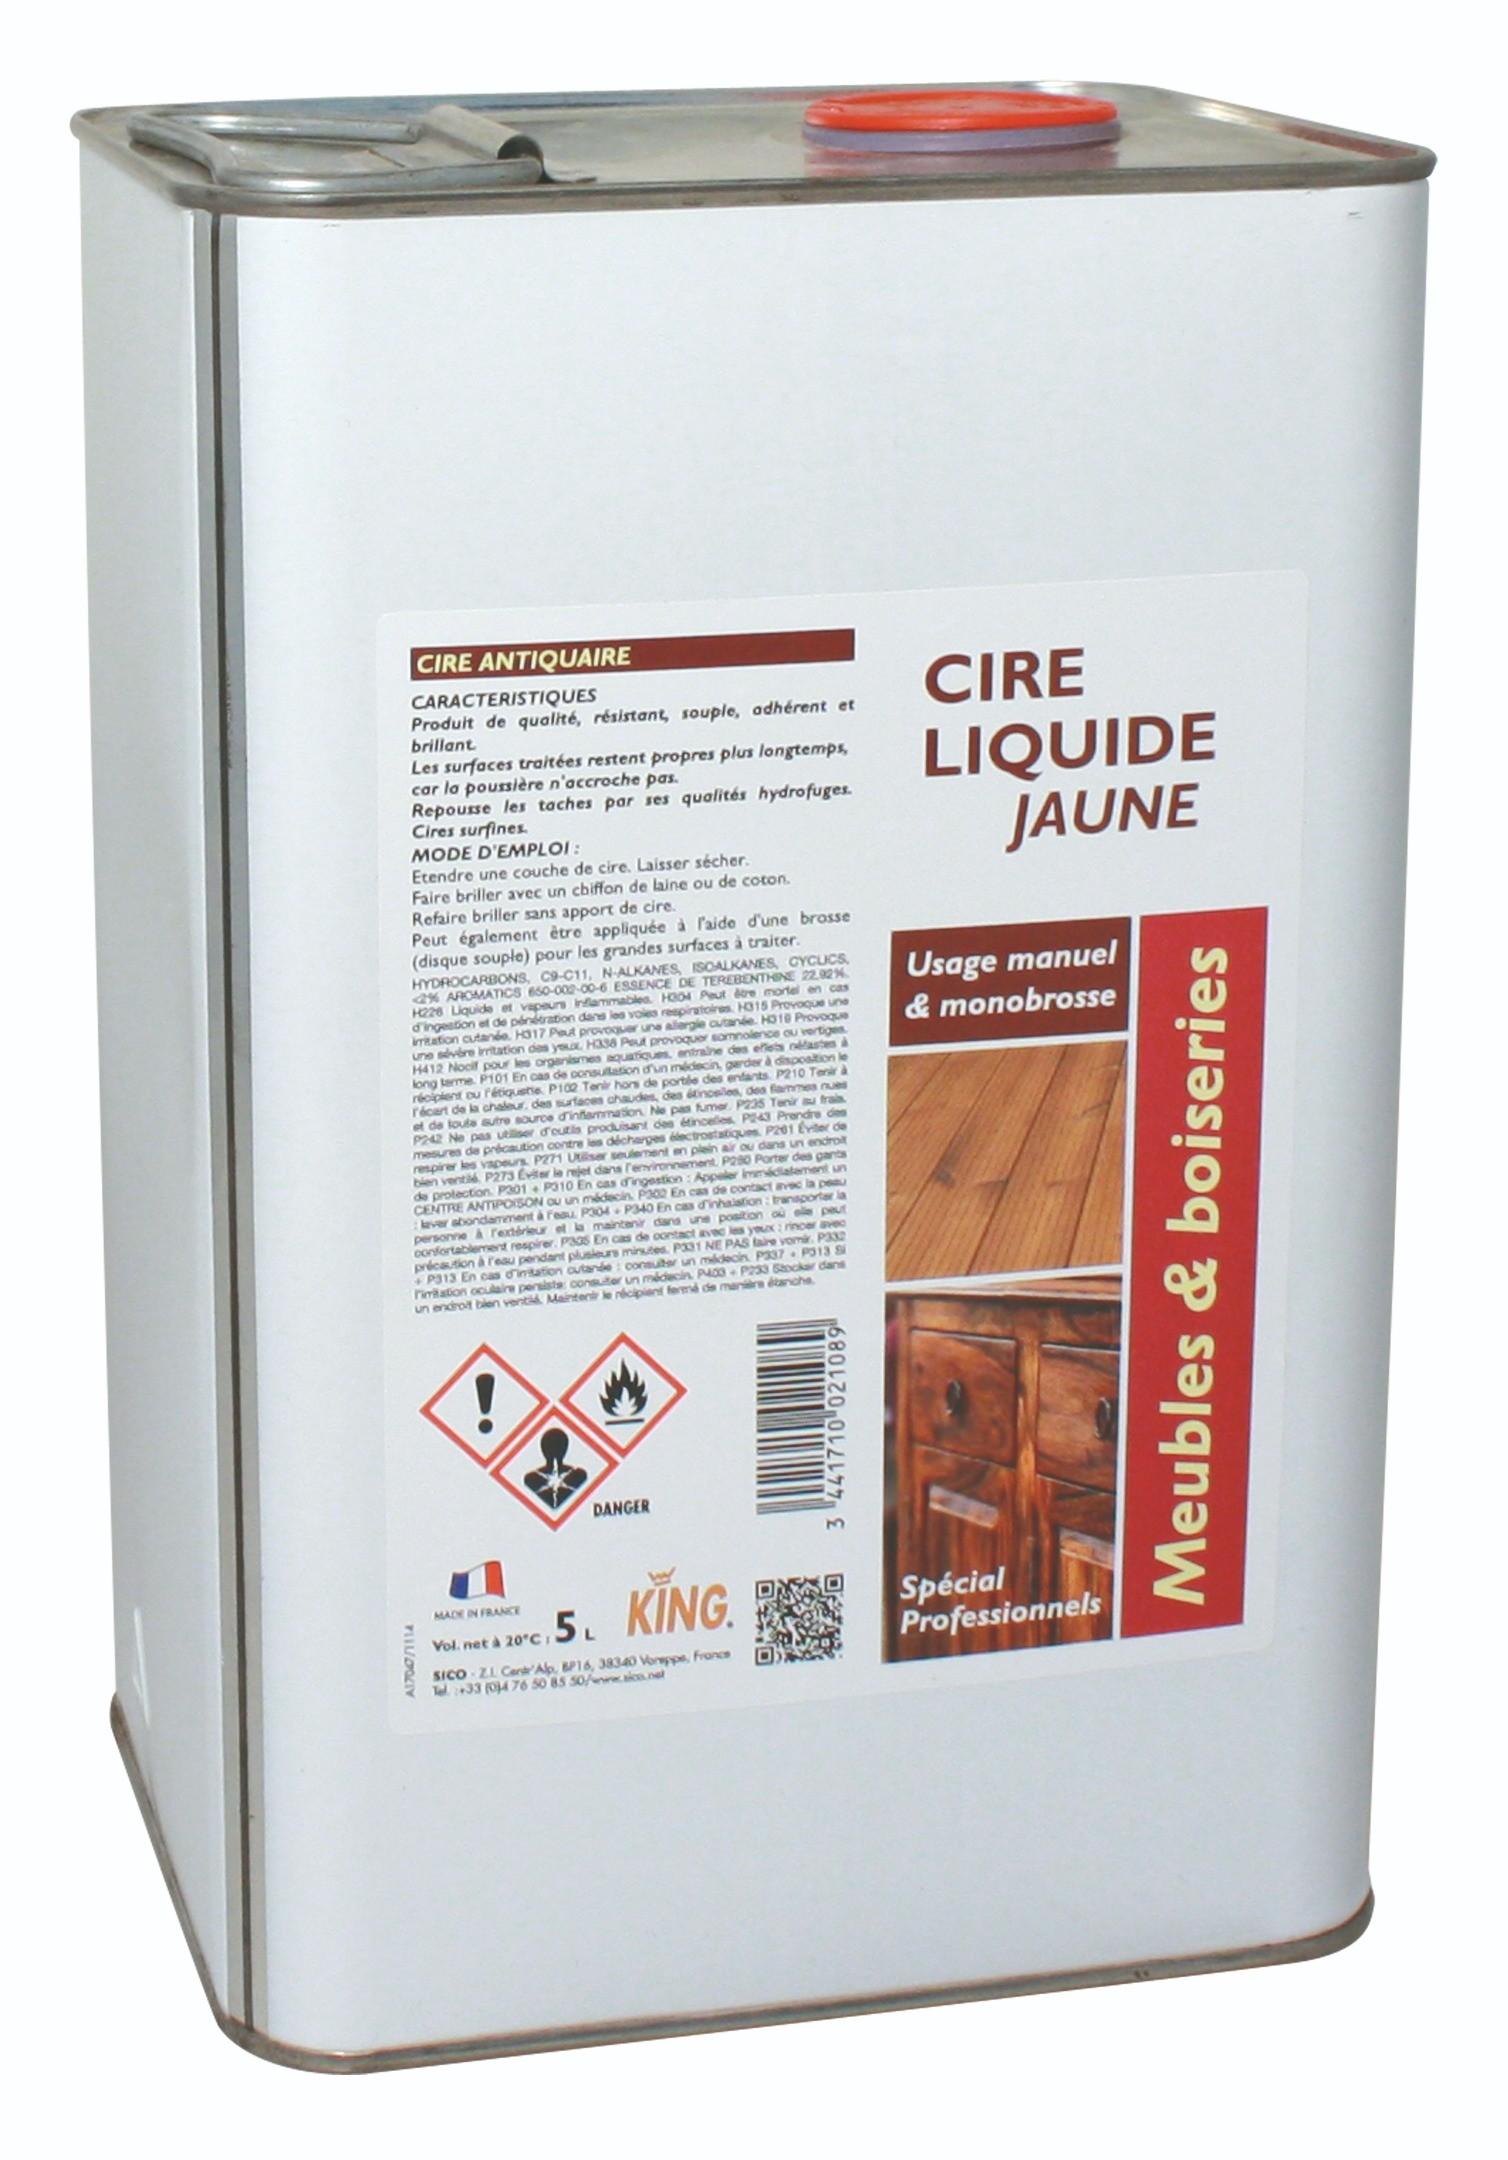 CIRE LIQUIDE JAUNE 5L KING